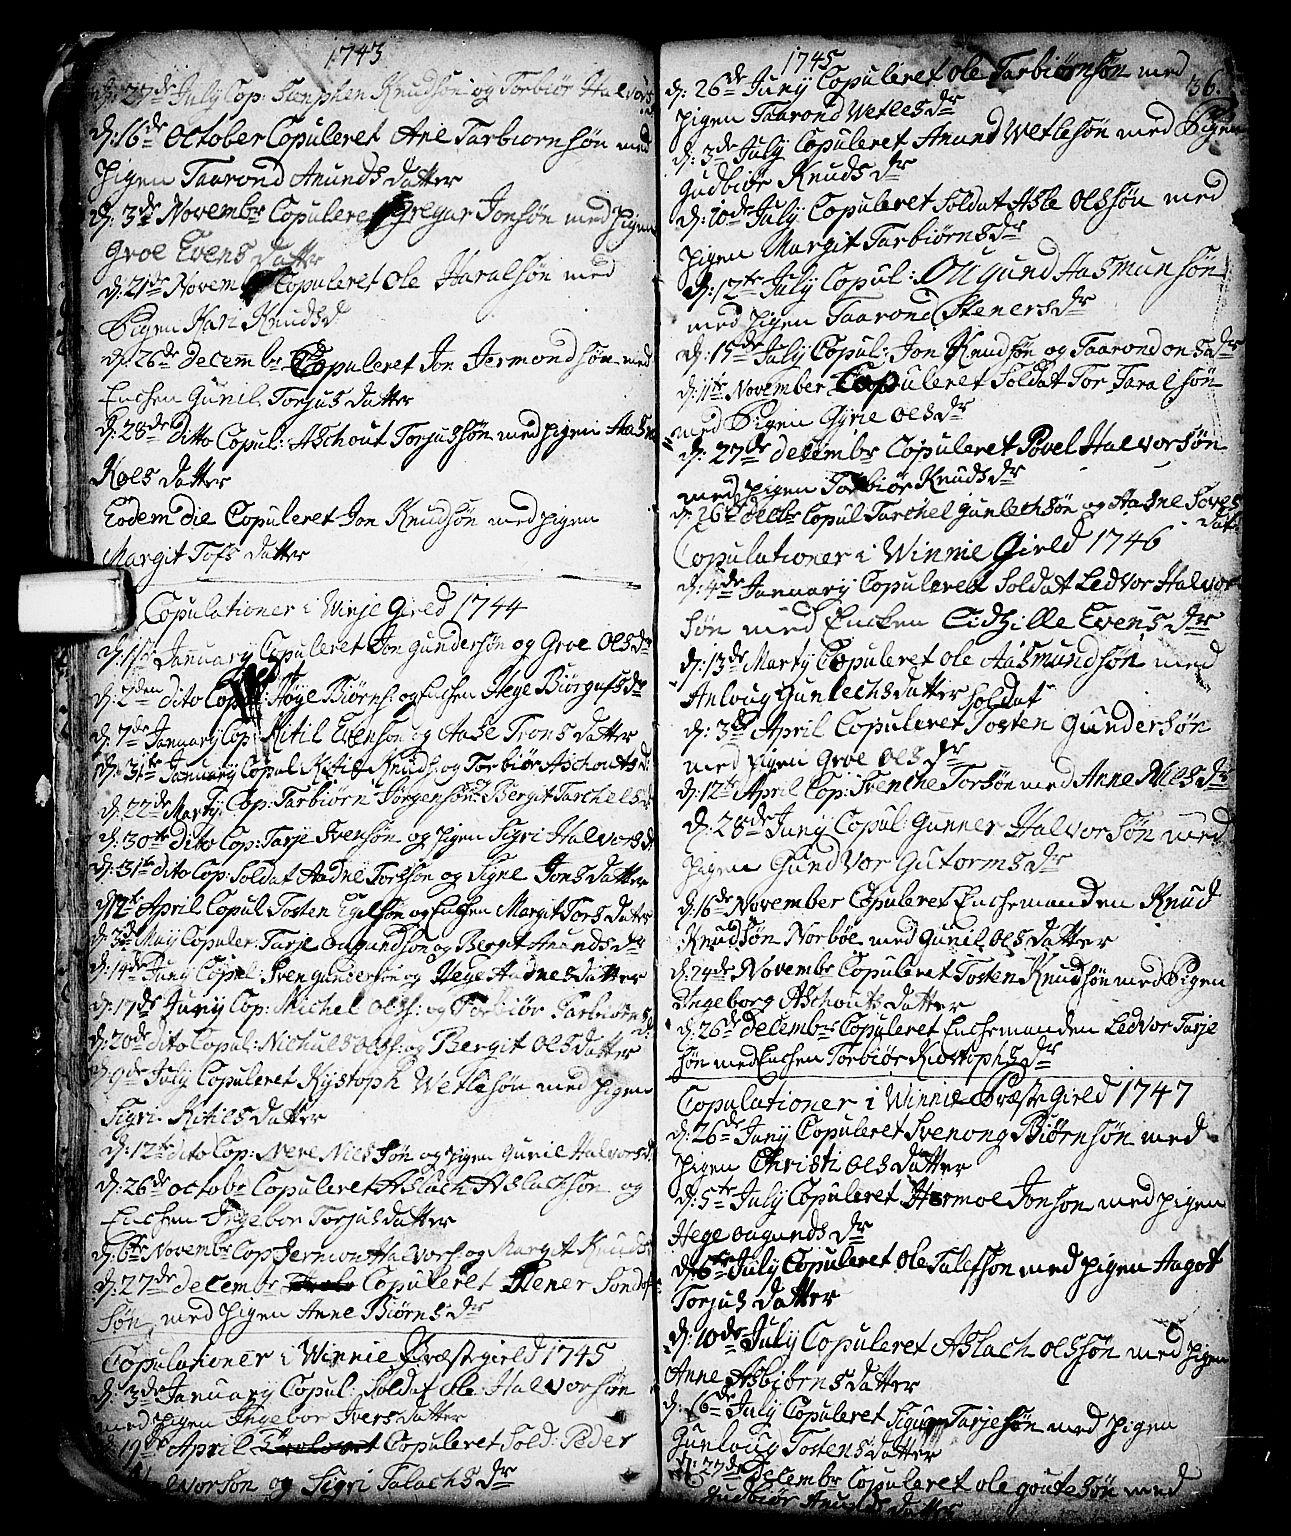 SAKO, Vinje kirkebøker, F/Fa/L0001: Ministerialbok nr. I 1, 1717-1766, s. 36